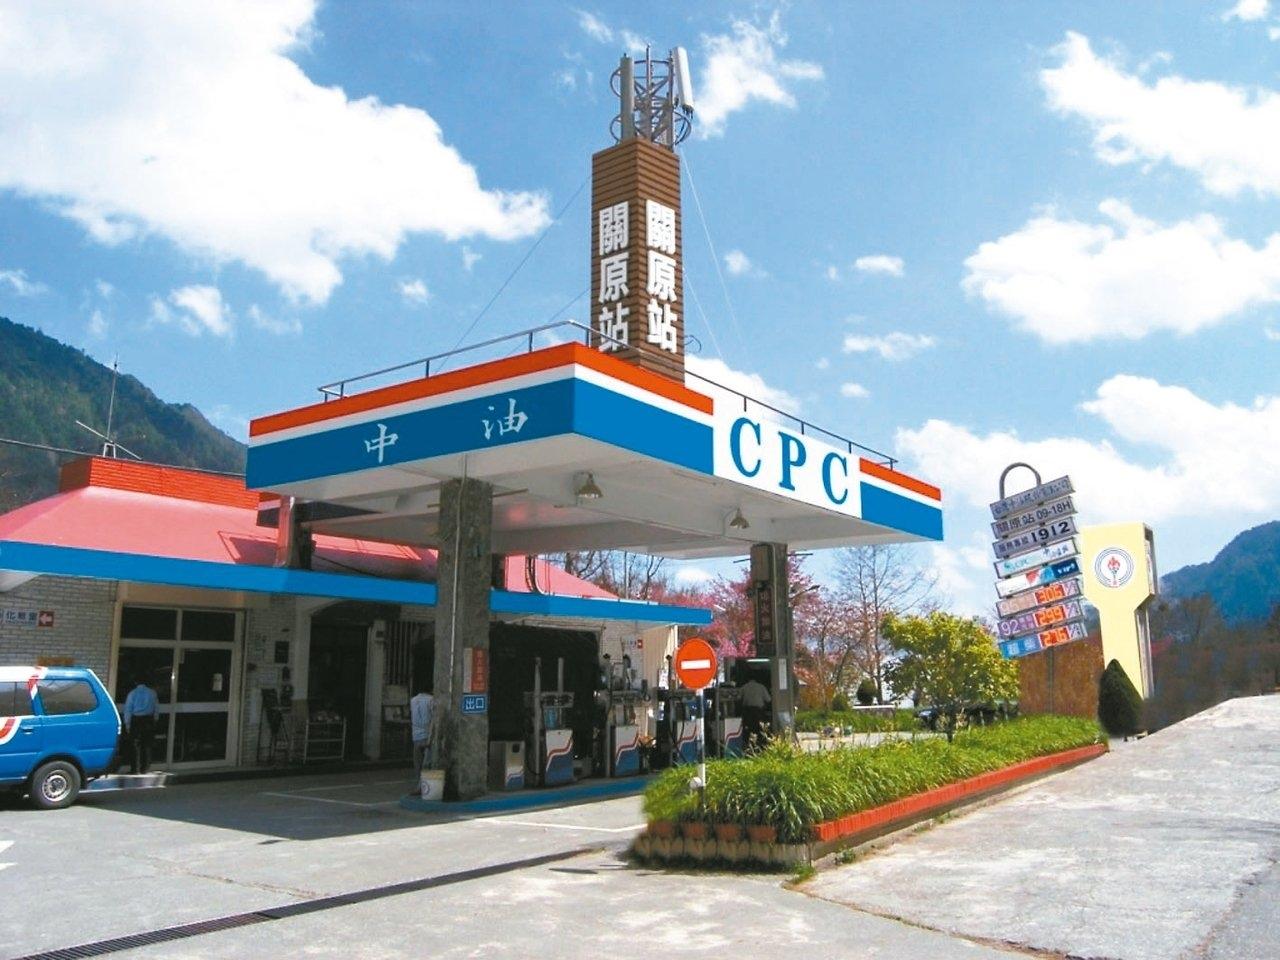 中油表示全球原油短期內供給無虞,國內能源供應不致受到影響,請民眾毋需恐慌。 圖/中油公司提供